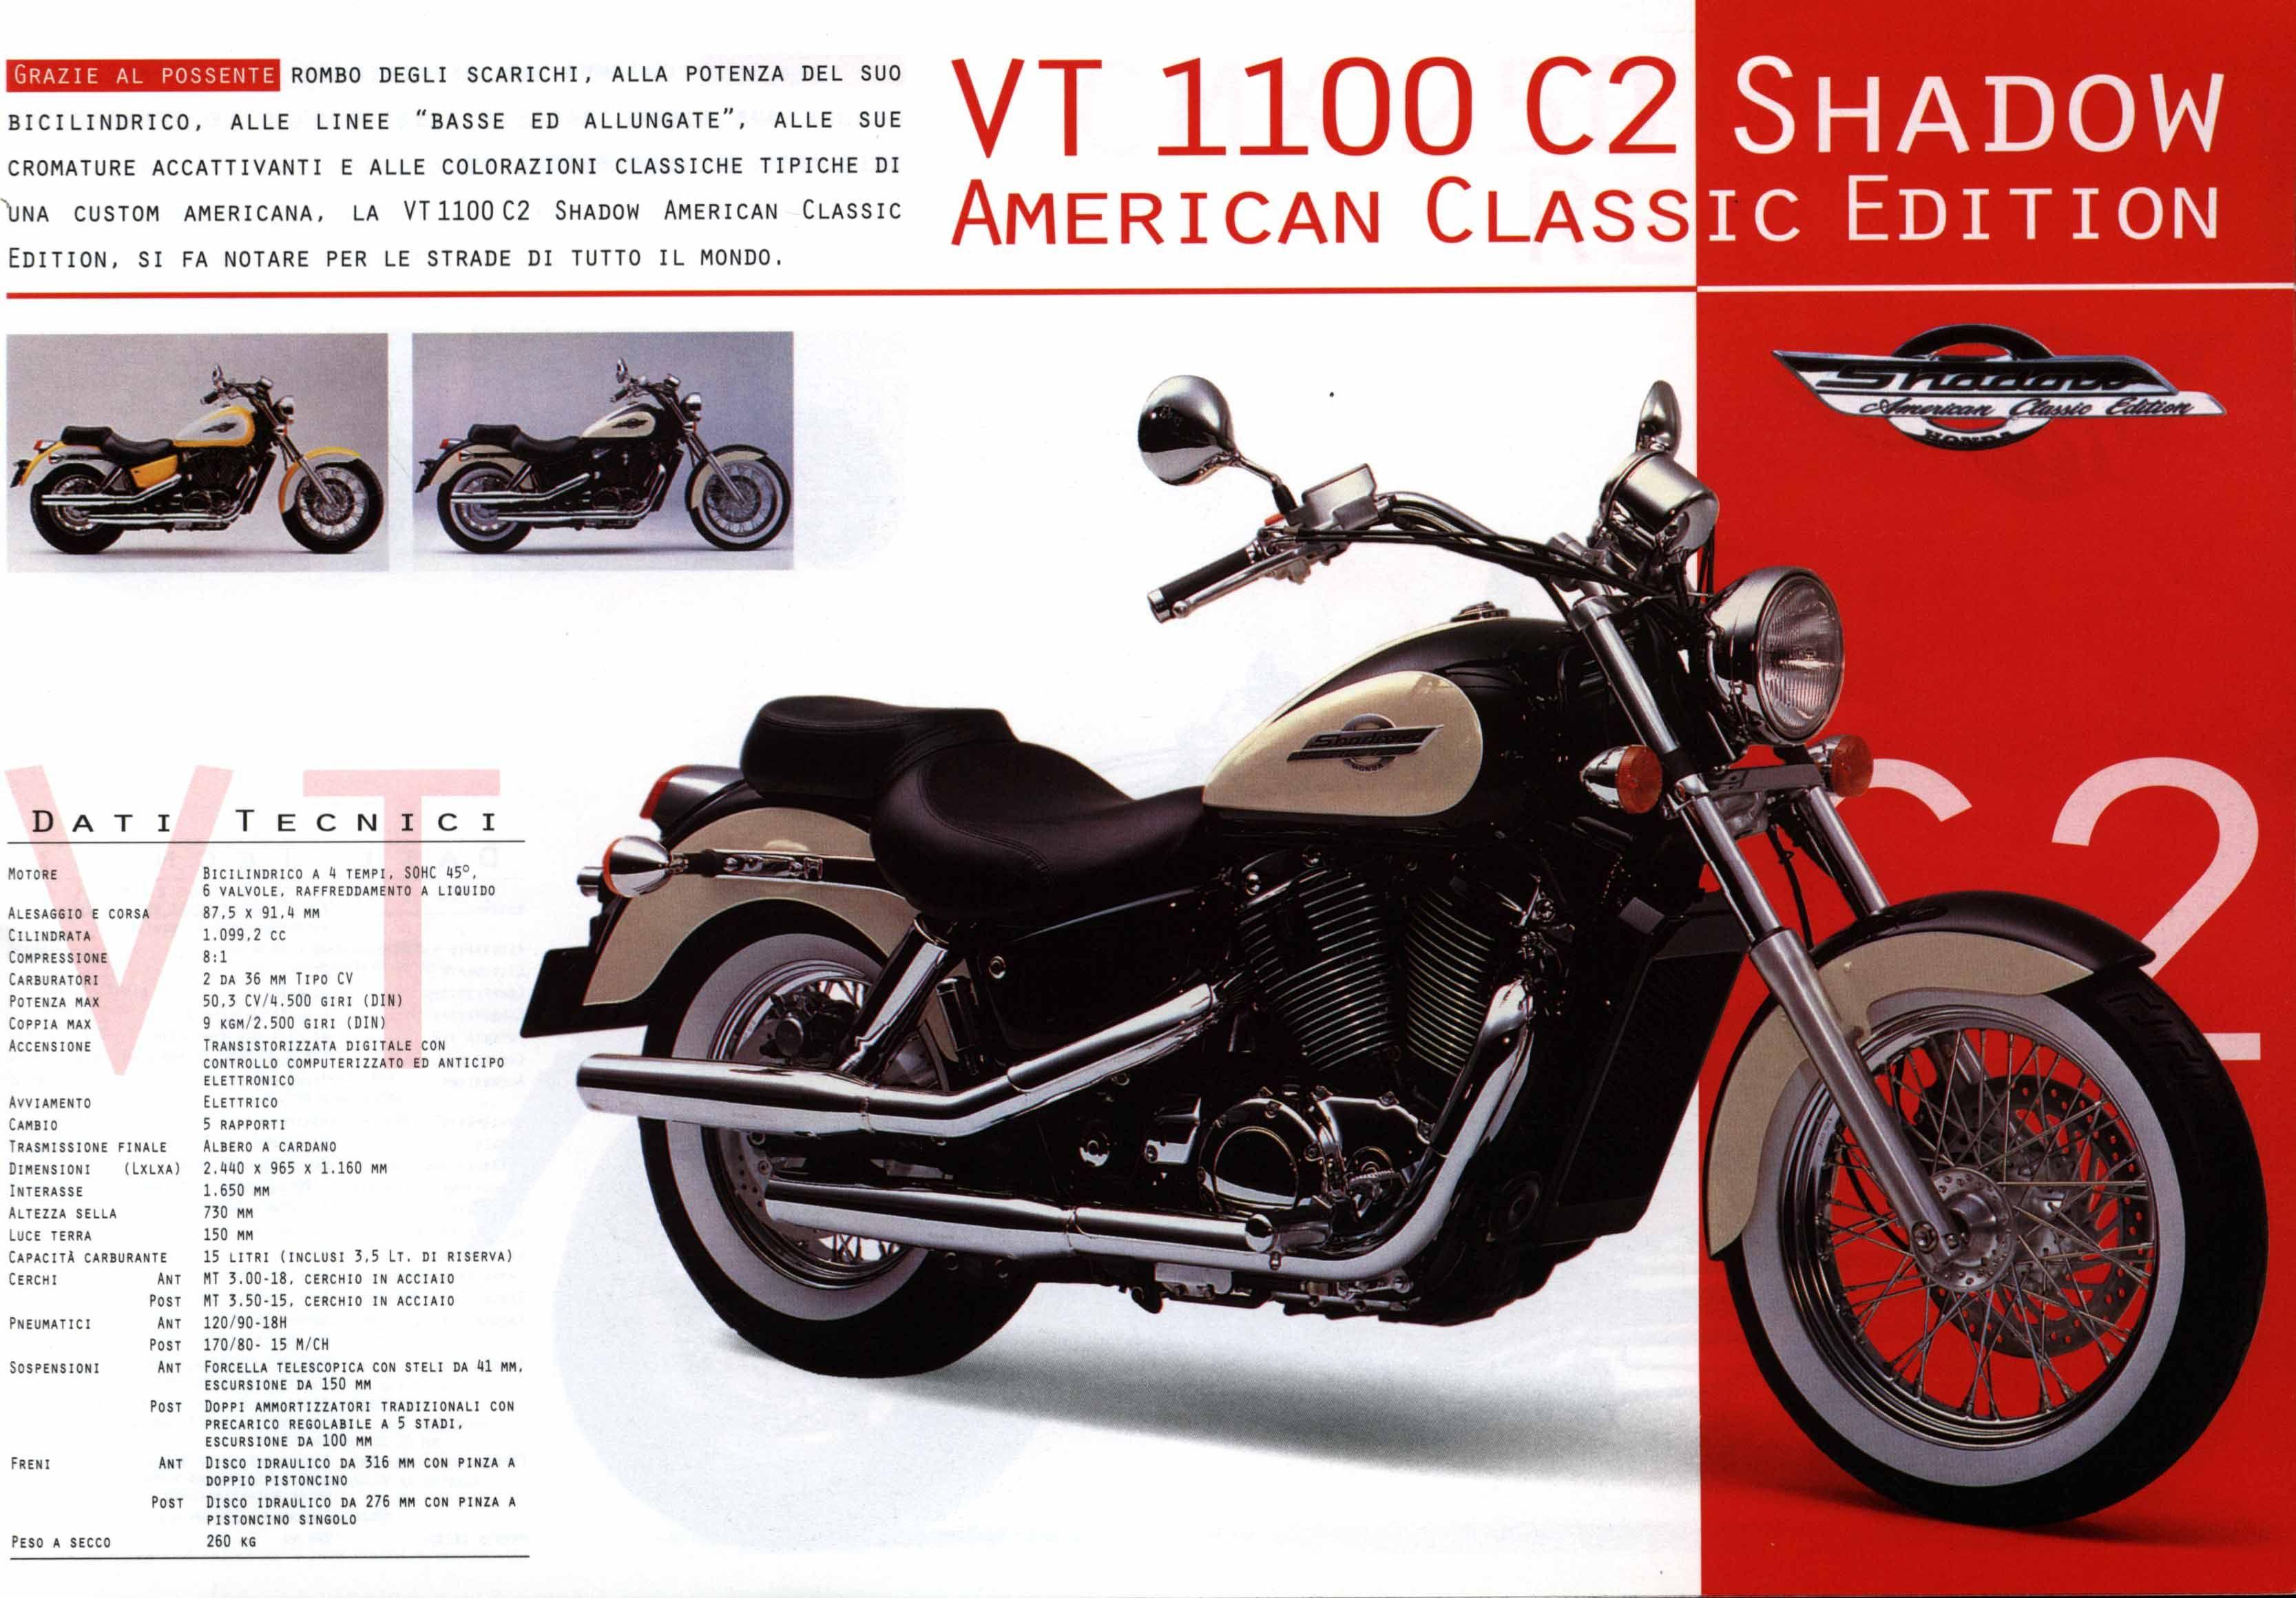 honda vt1100 c2 shadow american classic edition brochure [ 3334 x 2320 Pixel ]